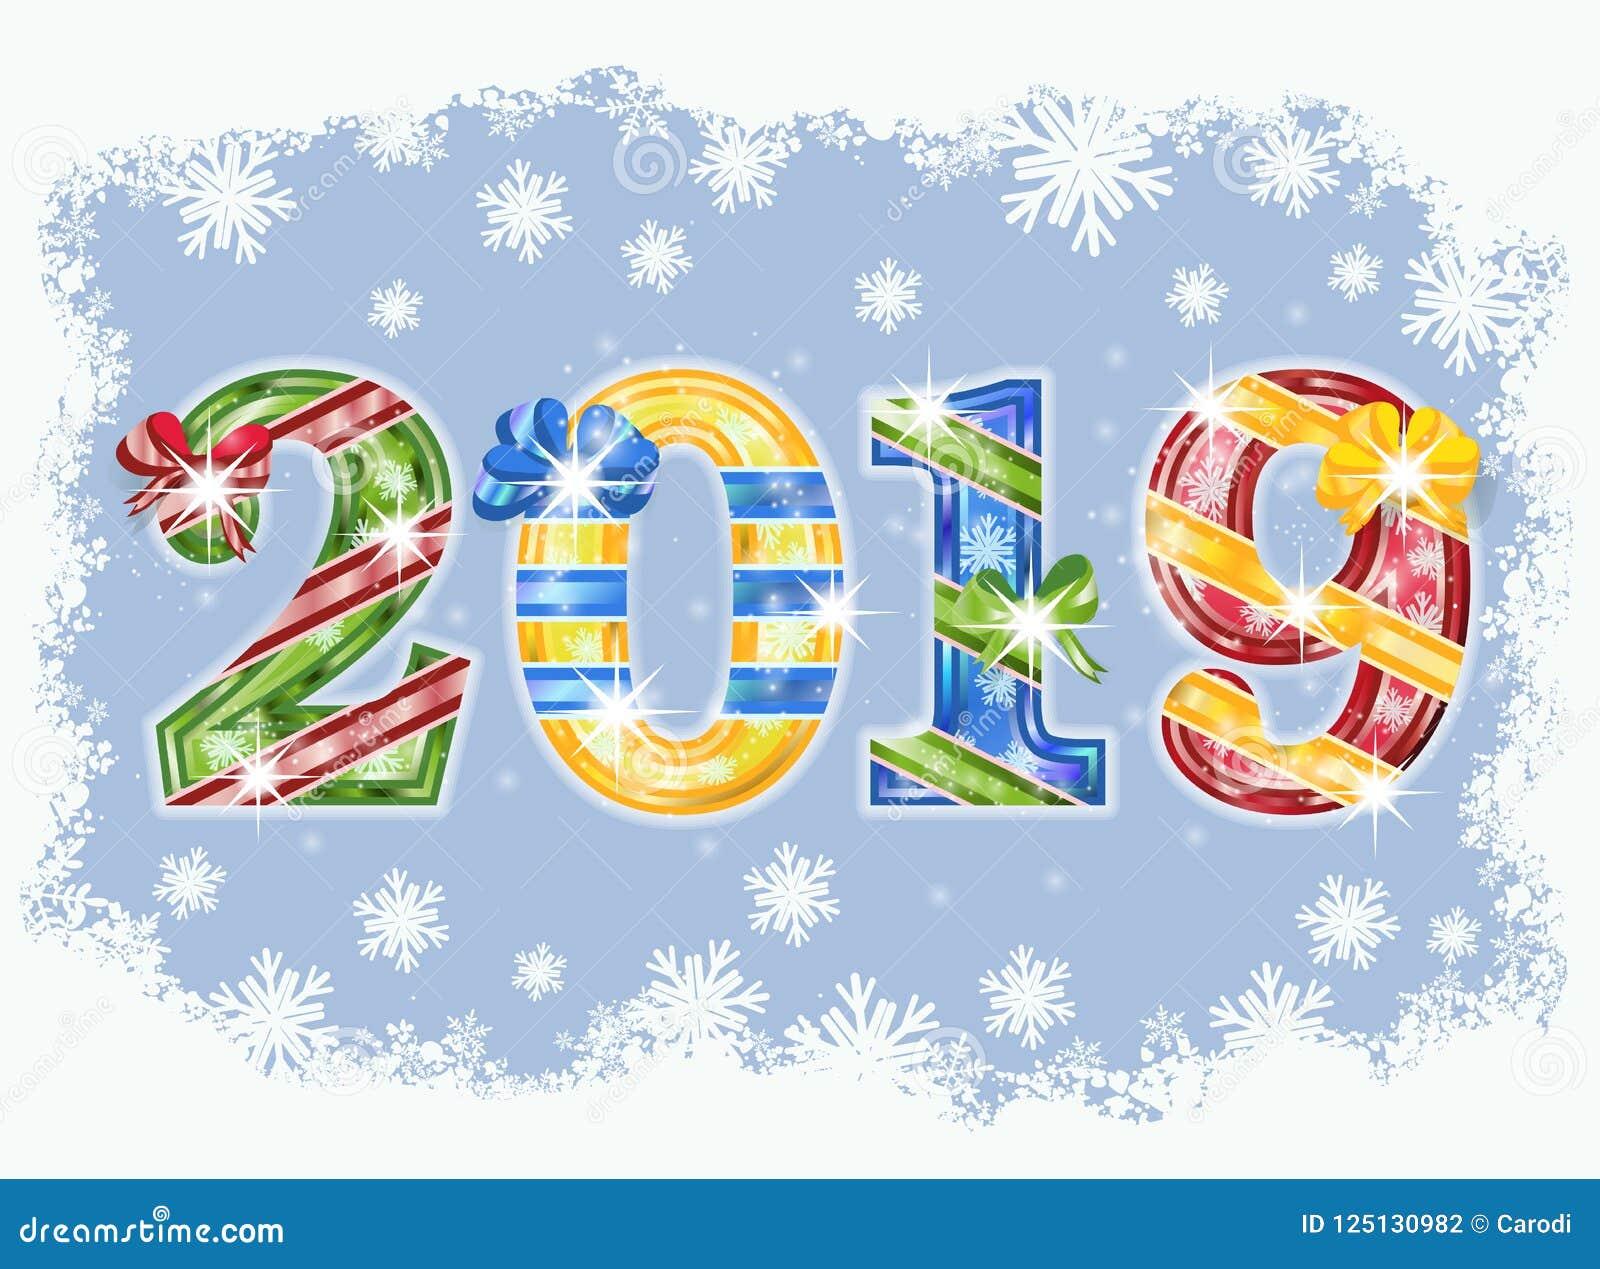 Happy New Year Invitation Card 73